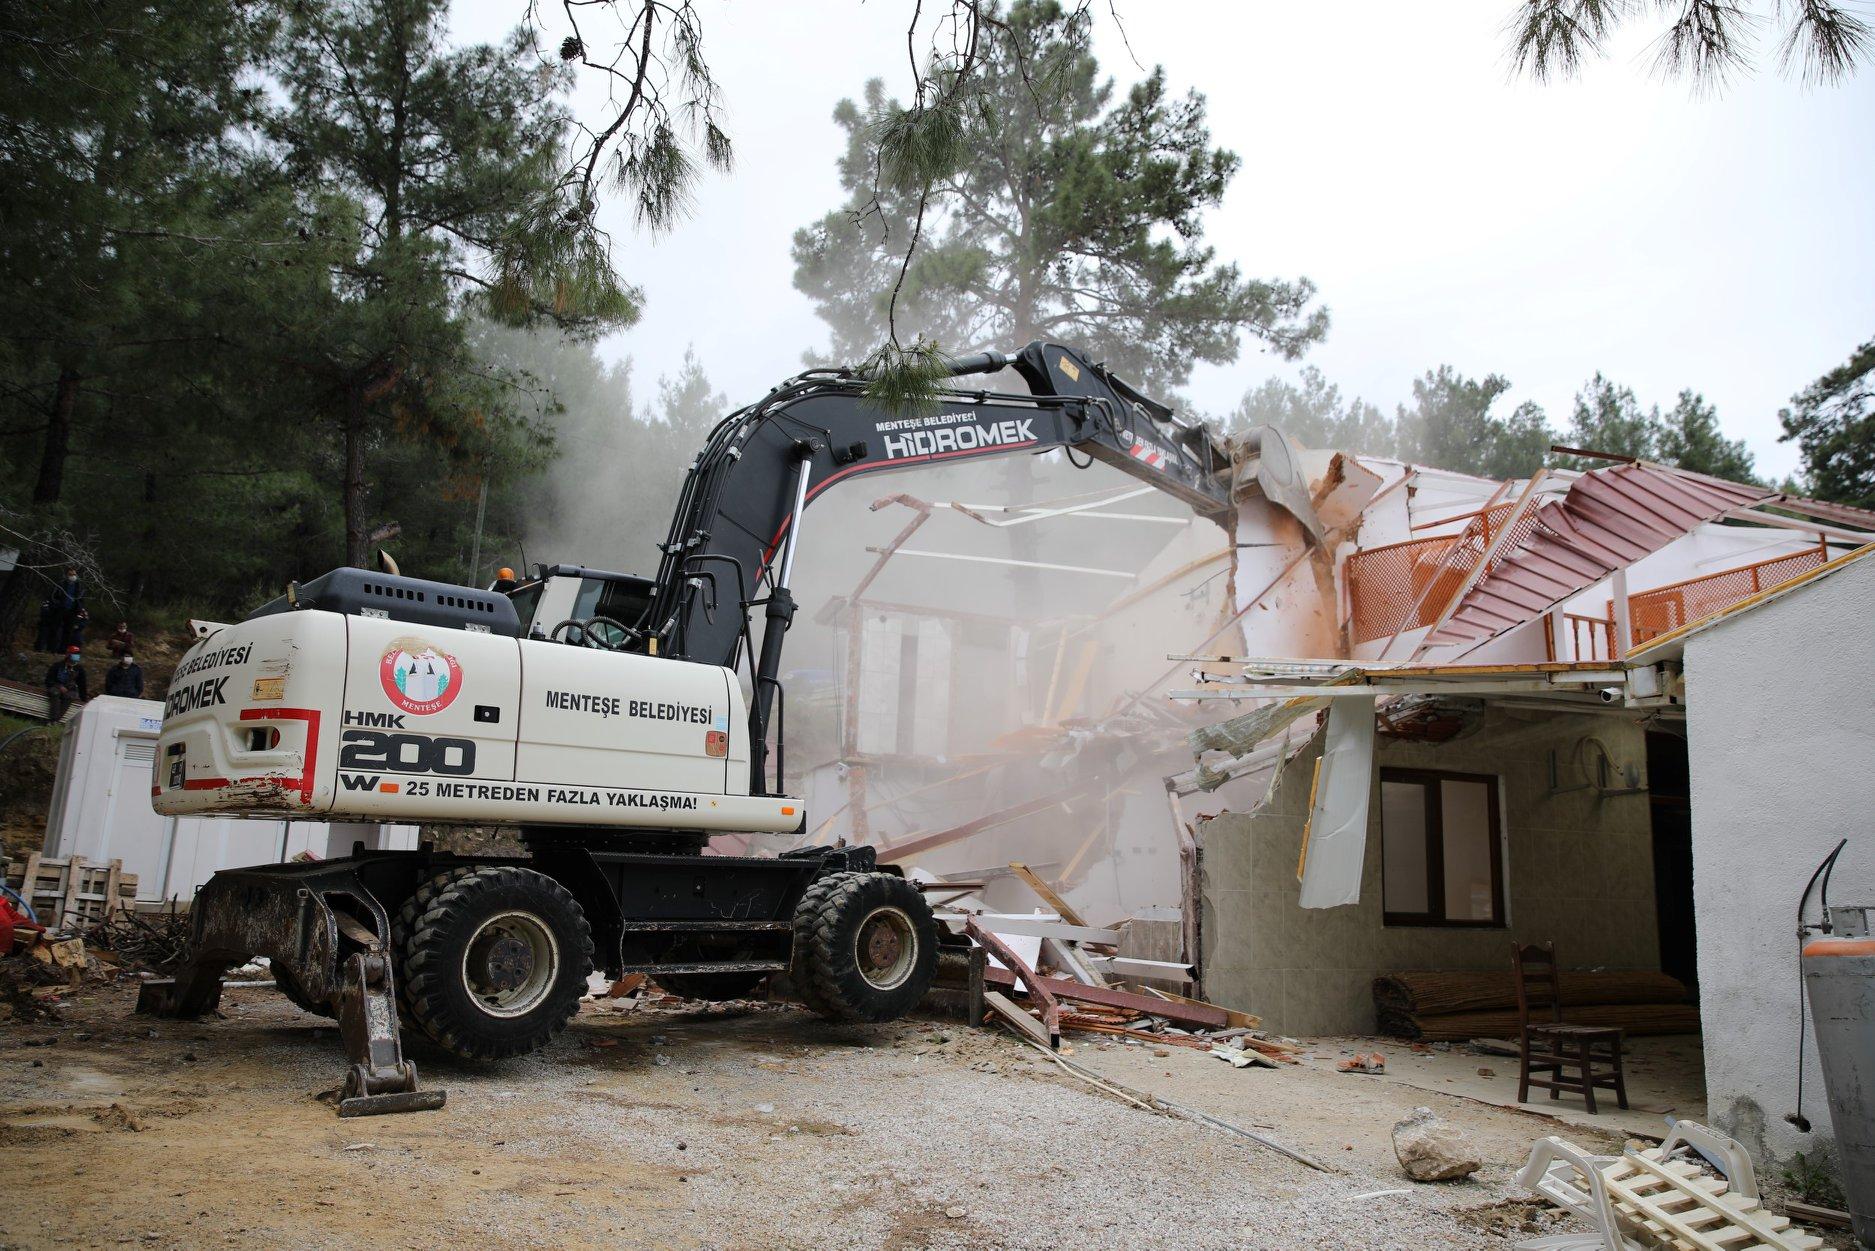 """Menteşe Belediyesi:""""Akbük'te rant uğruna doğayı talan edenlere göz açtırmayacağız"""""""